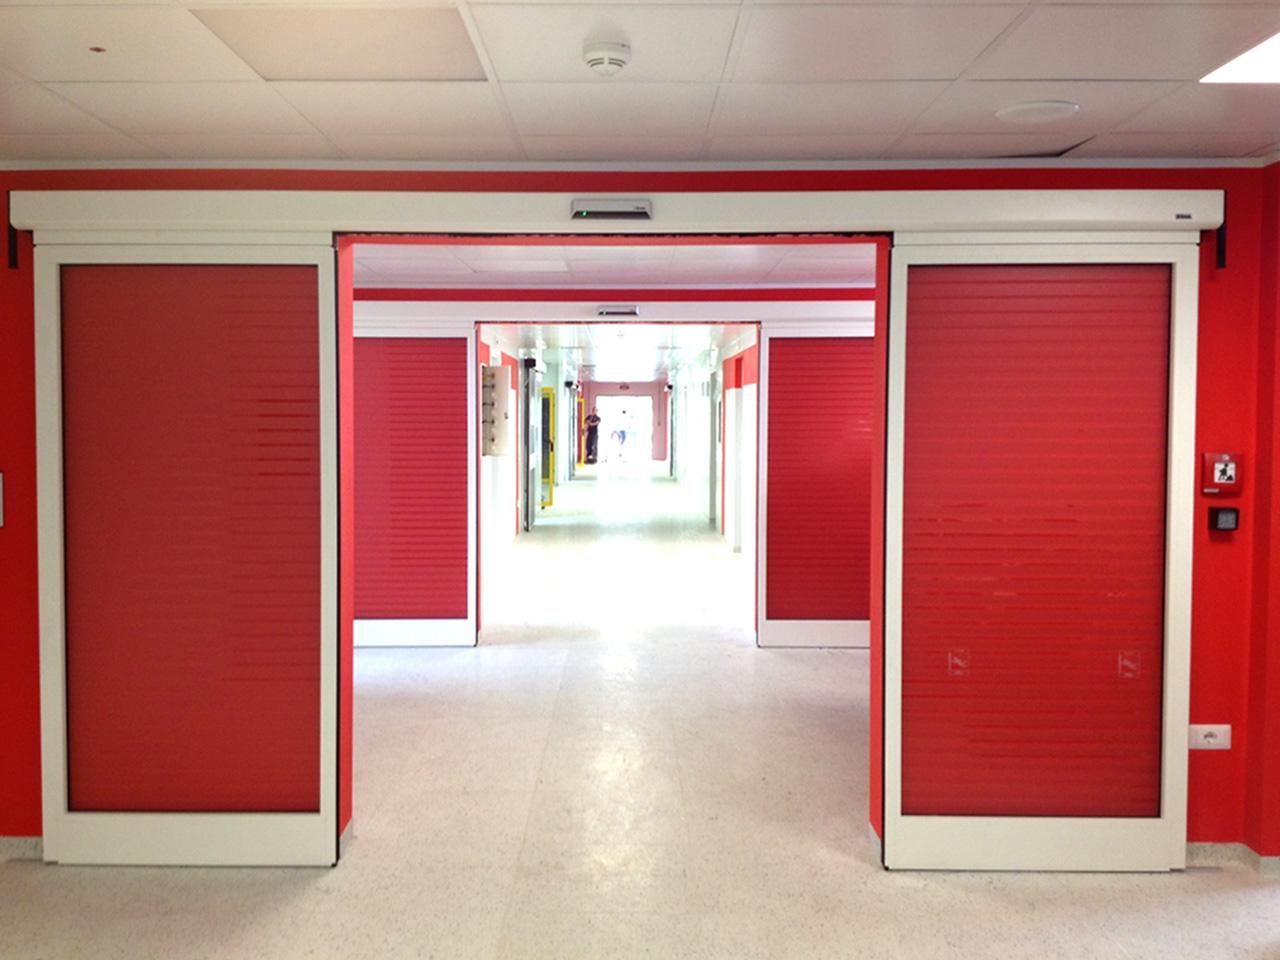 Realizzazione aree ospedaliere - Ospedale Ramazzini Carpi 07